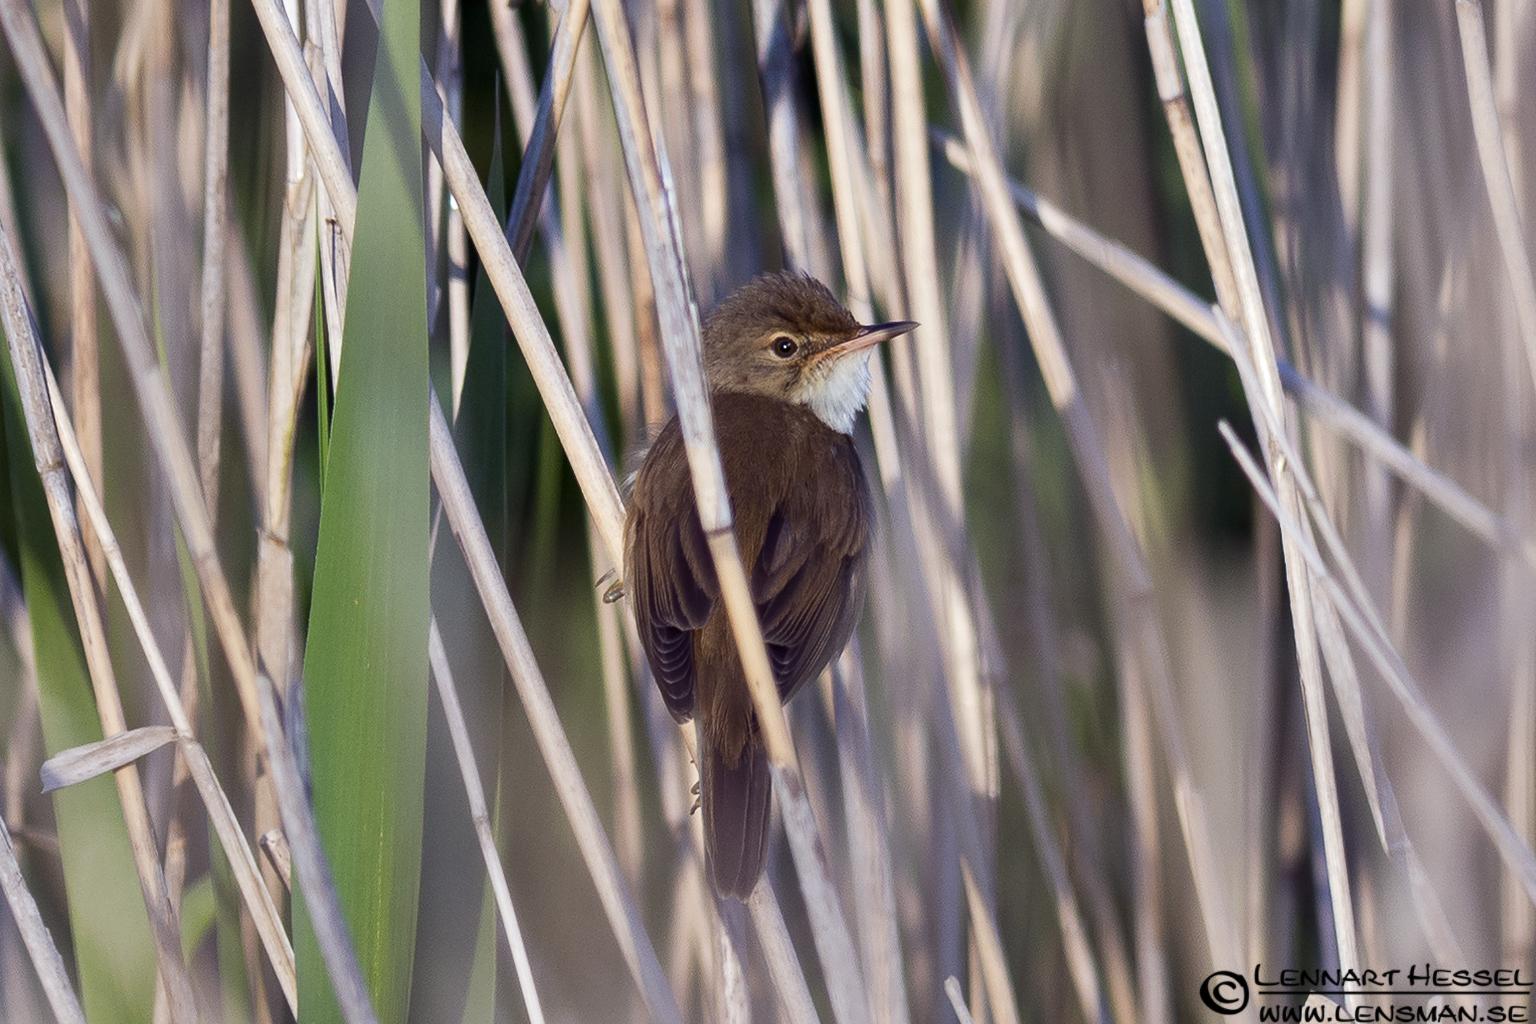 Eurasian Reed Warbler at Säveån